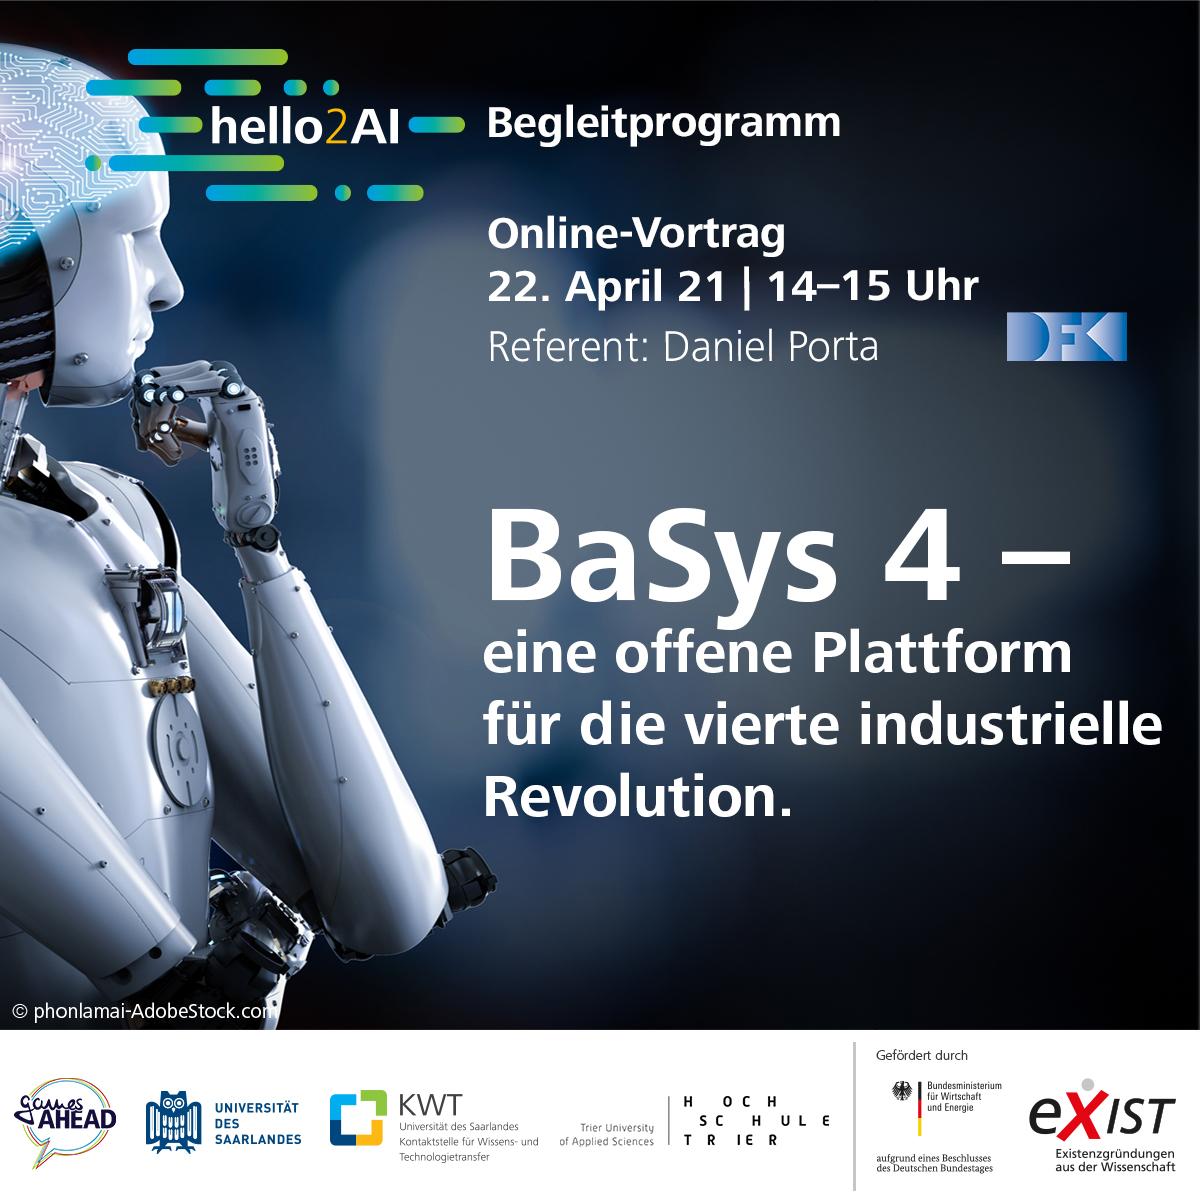 Online-Vortrag BaSys 4